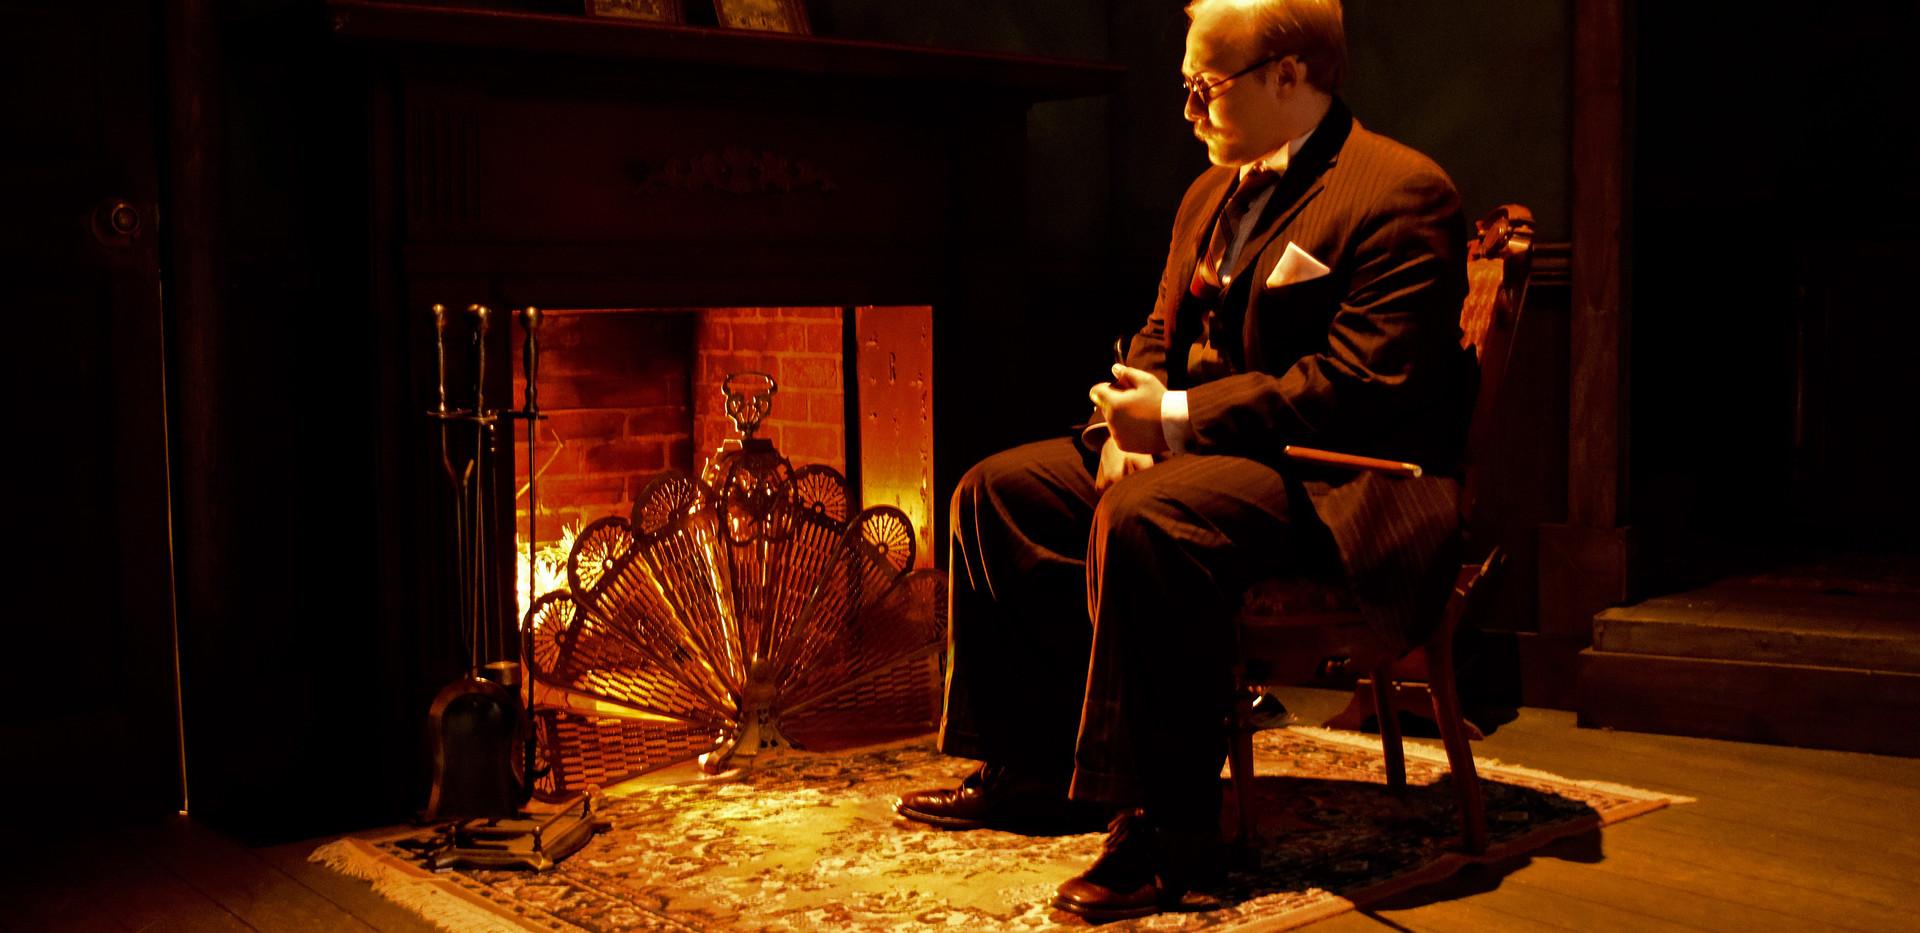 john fireplace 2.jpg